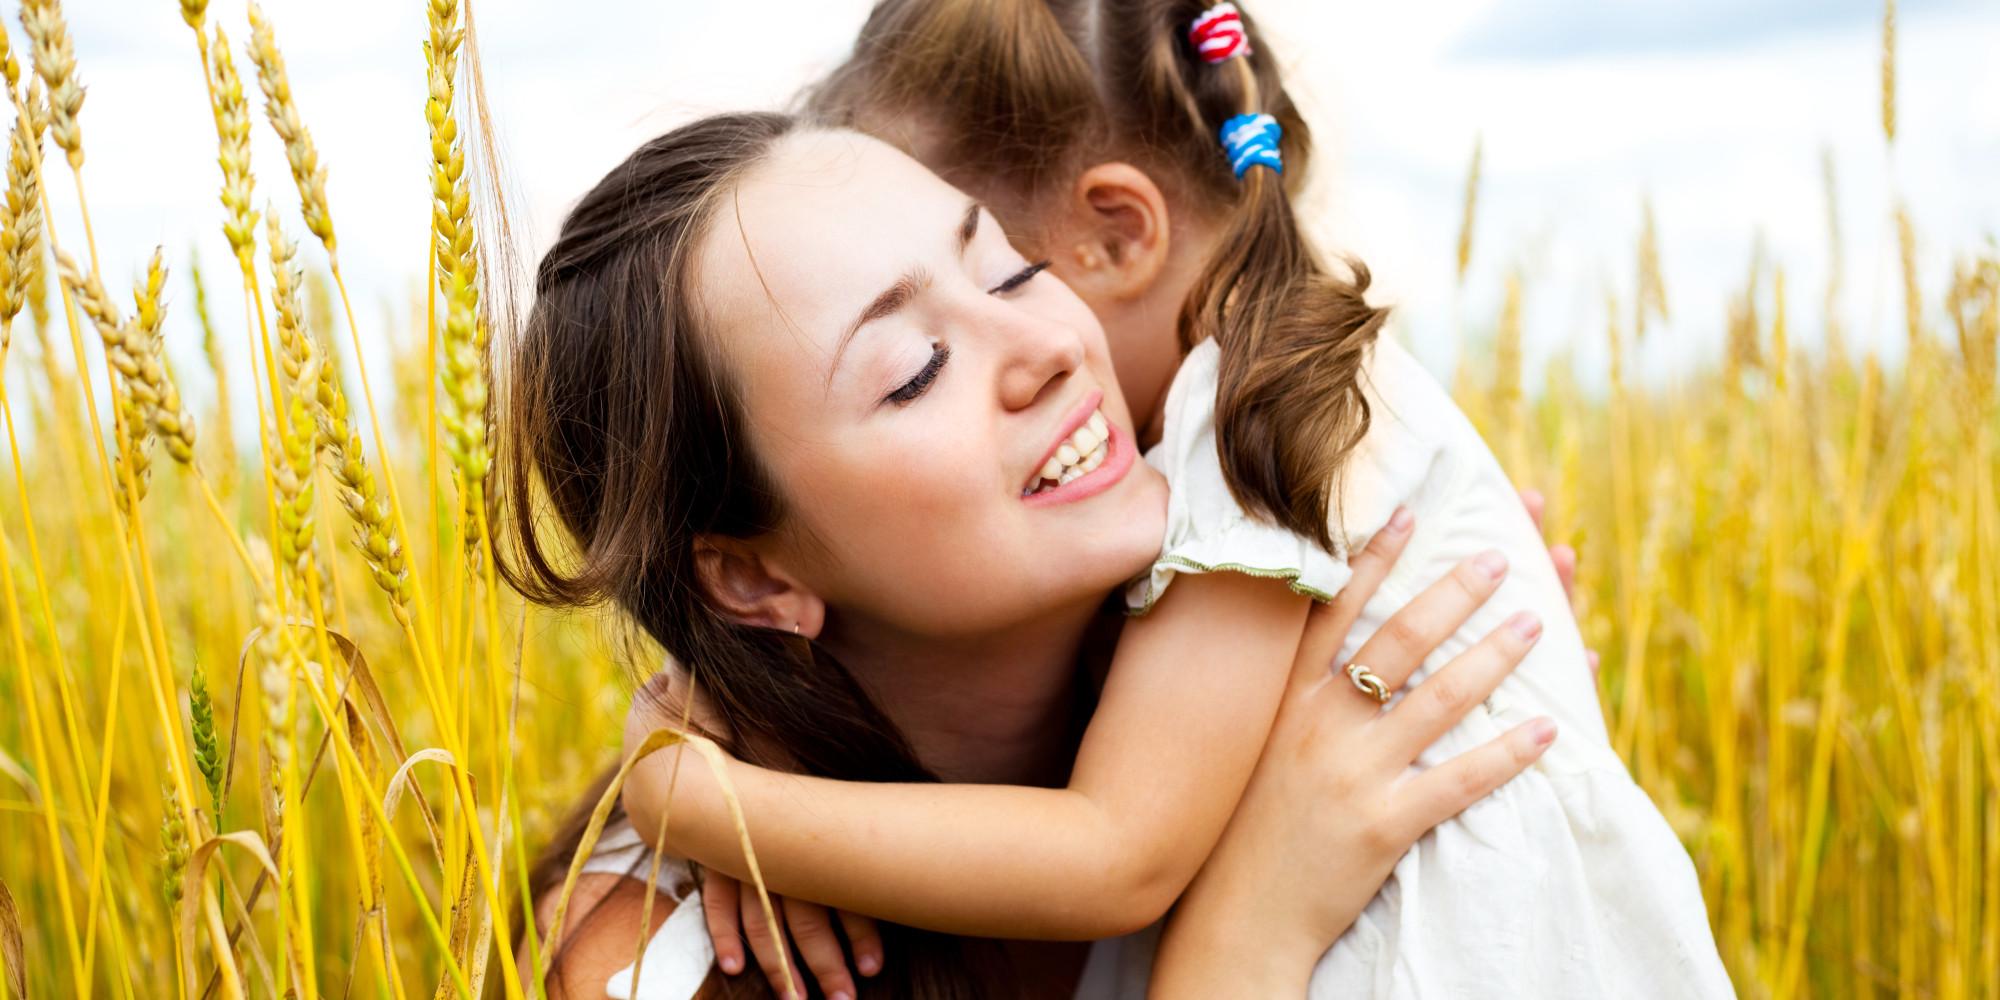 بالصور صور اطفال مع امهم 1c28a11ad014e4d90ce95d5be29e740f